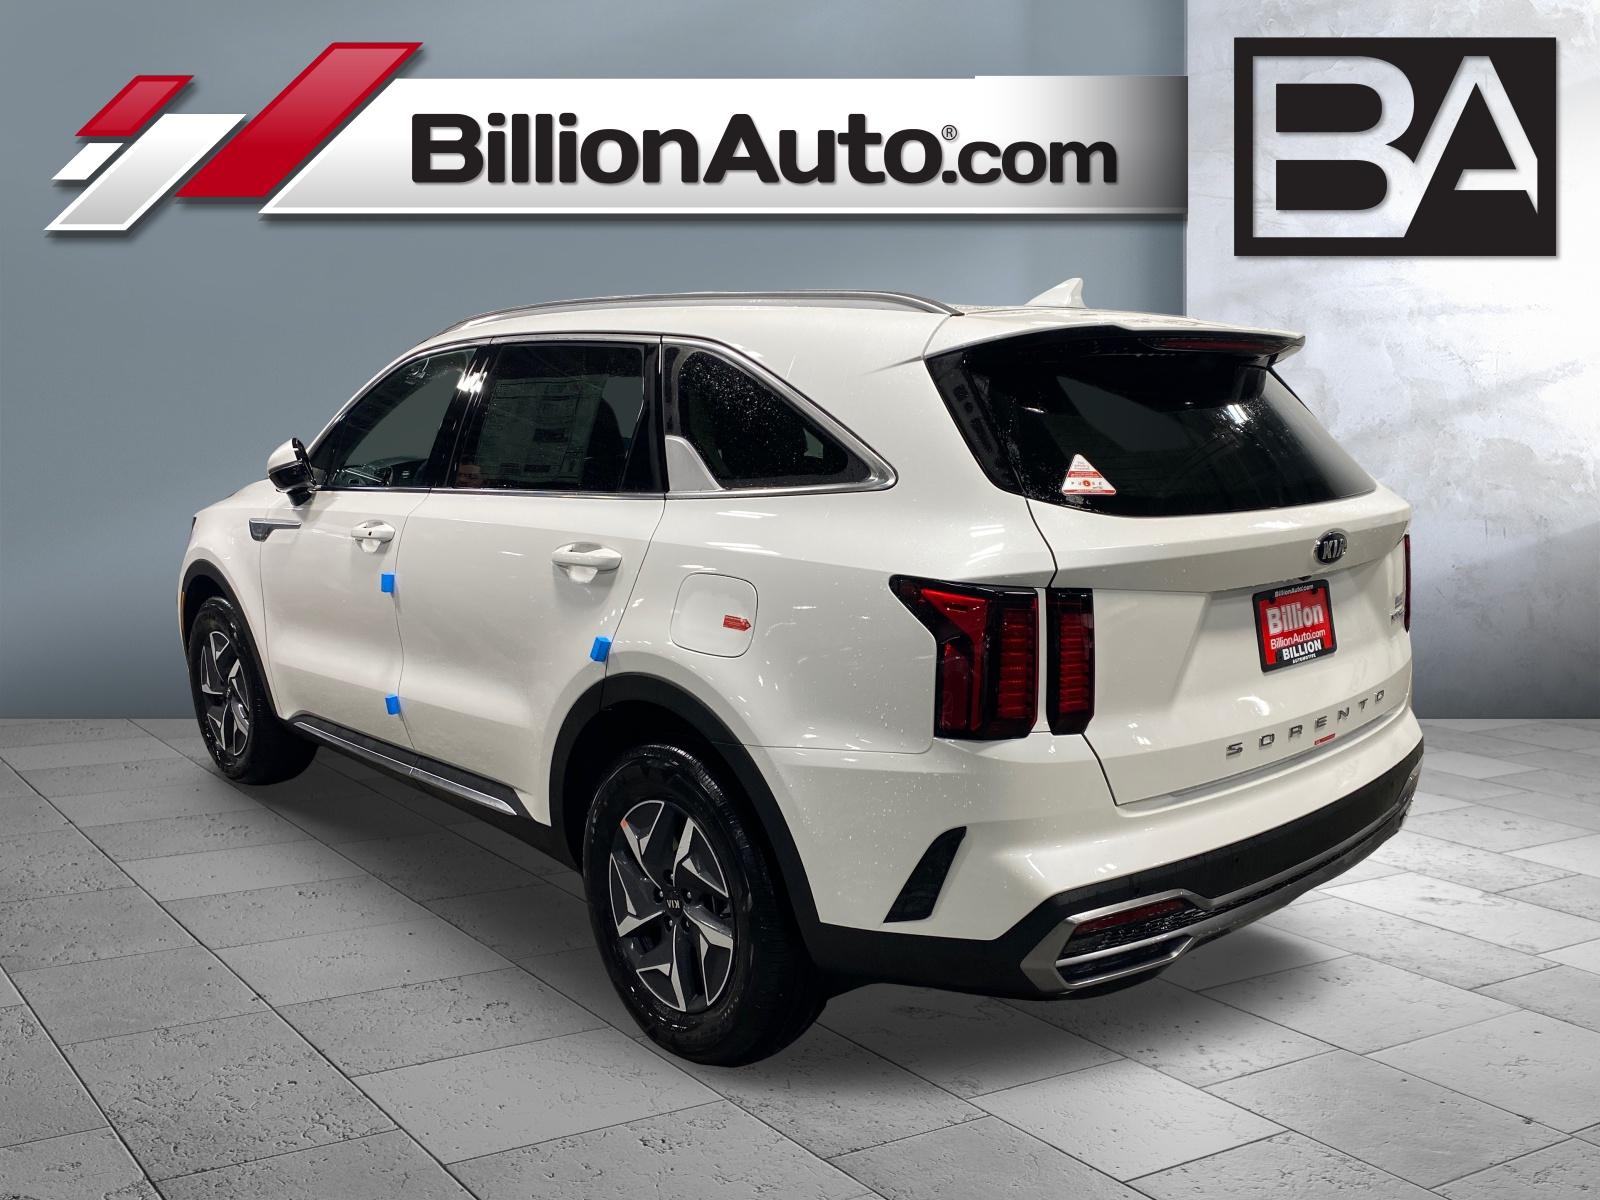 New 2021 Kia Sorento For Sale in Sioux Falls, SD | Billion ...